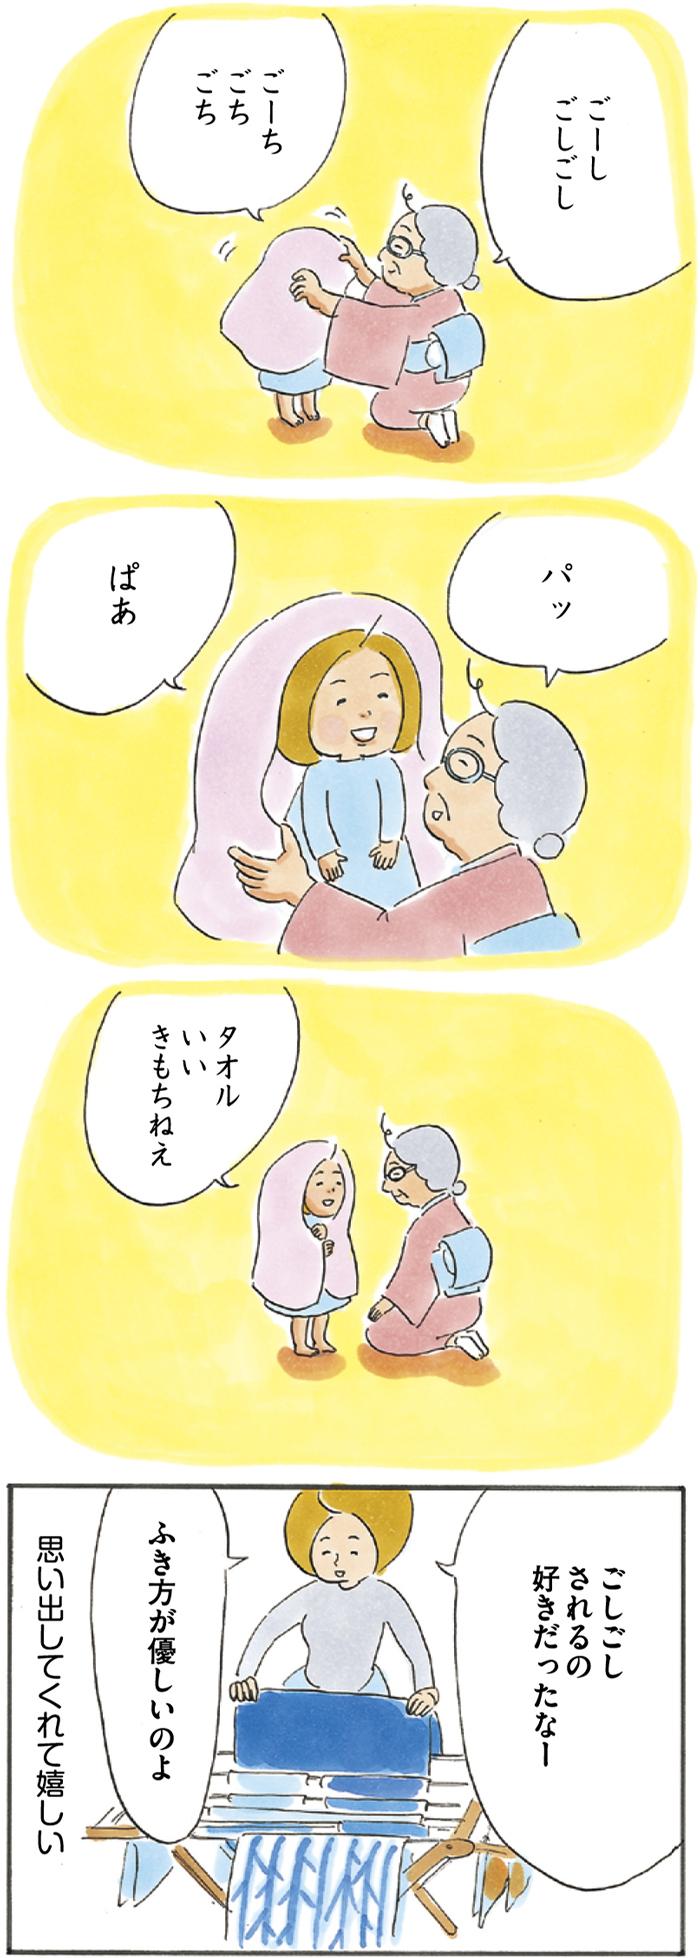 『スキップするように生きていきたい』3人家族+天国のおばあちゃんの物語の画像13